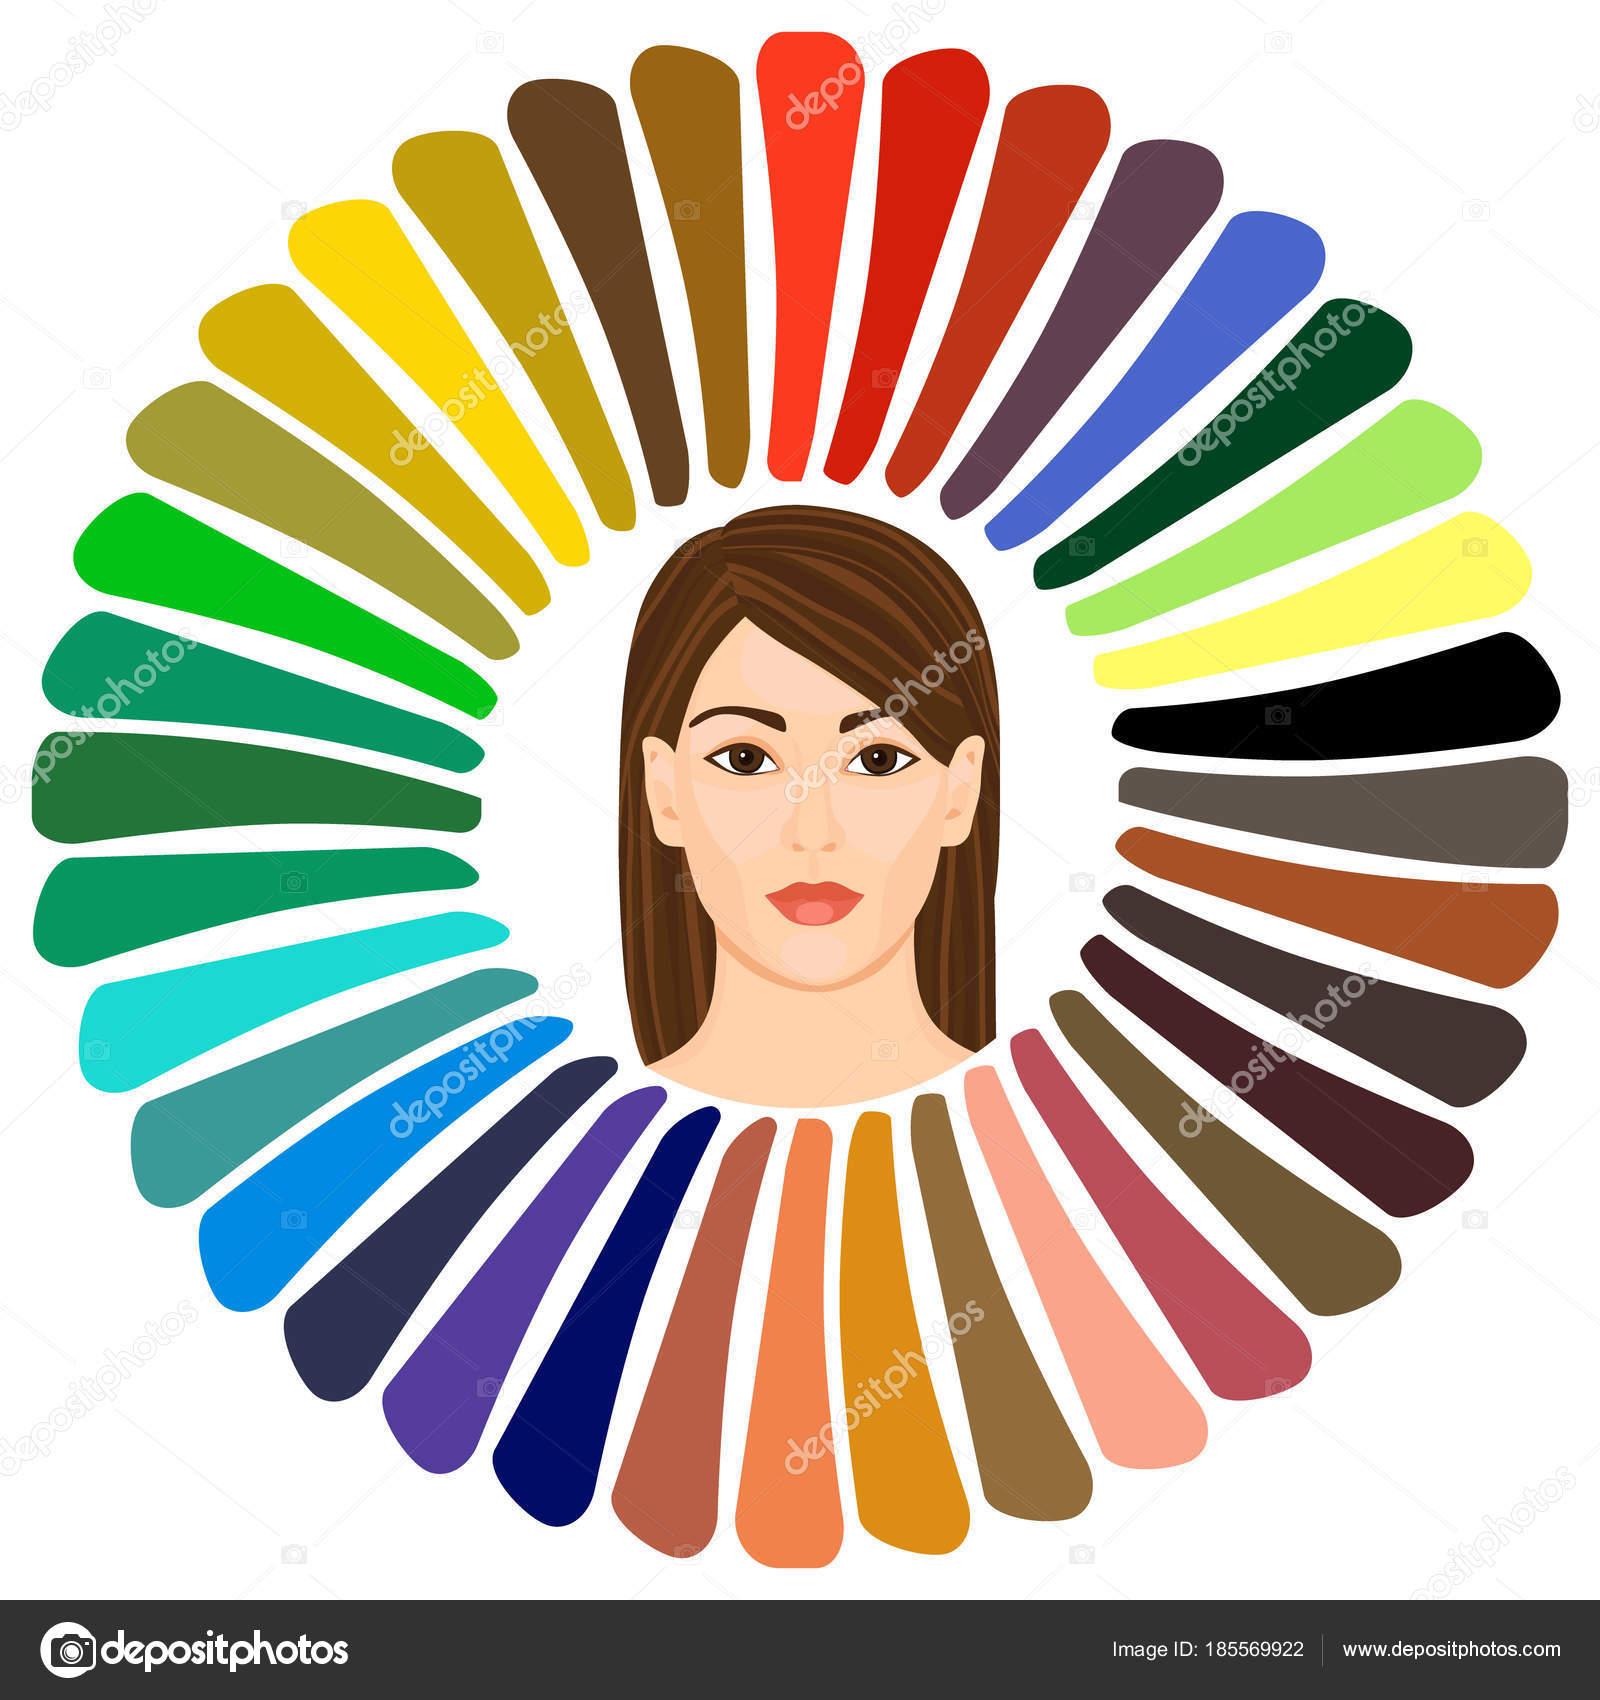 Vektor Herbsttyp Weibliche Erscheinung Gesicht Der Jungen Frau